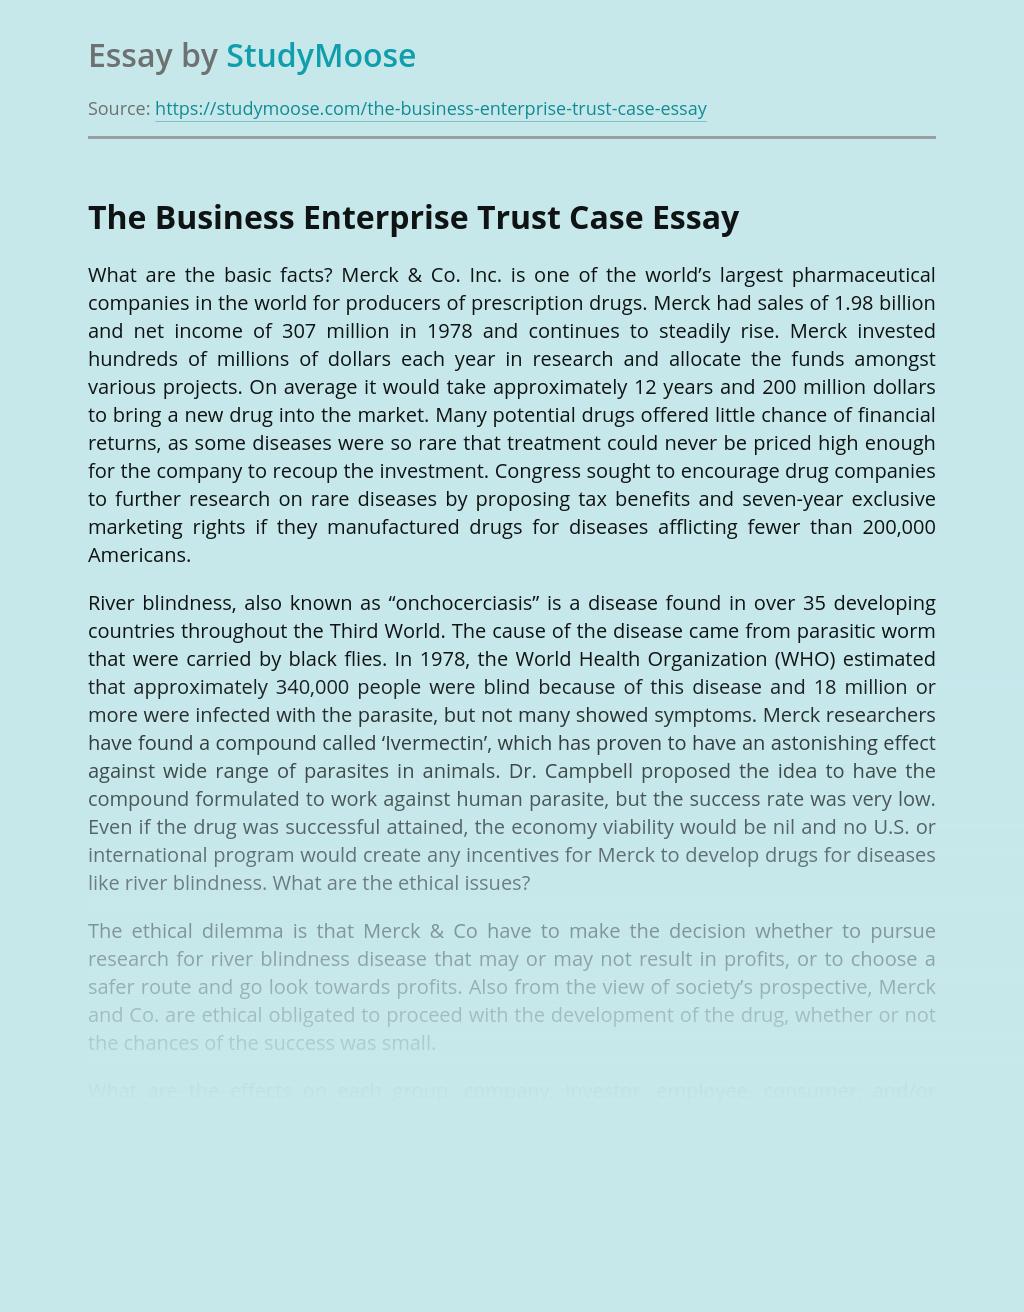 The Business Enterprise Trust Case